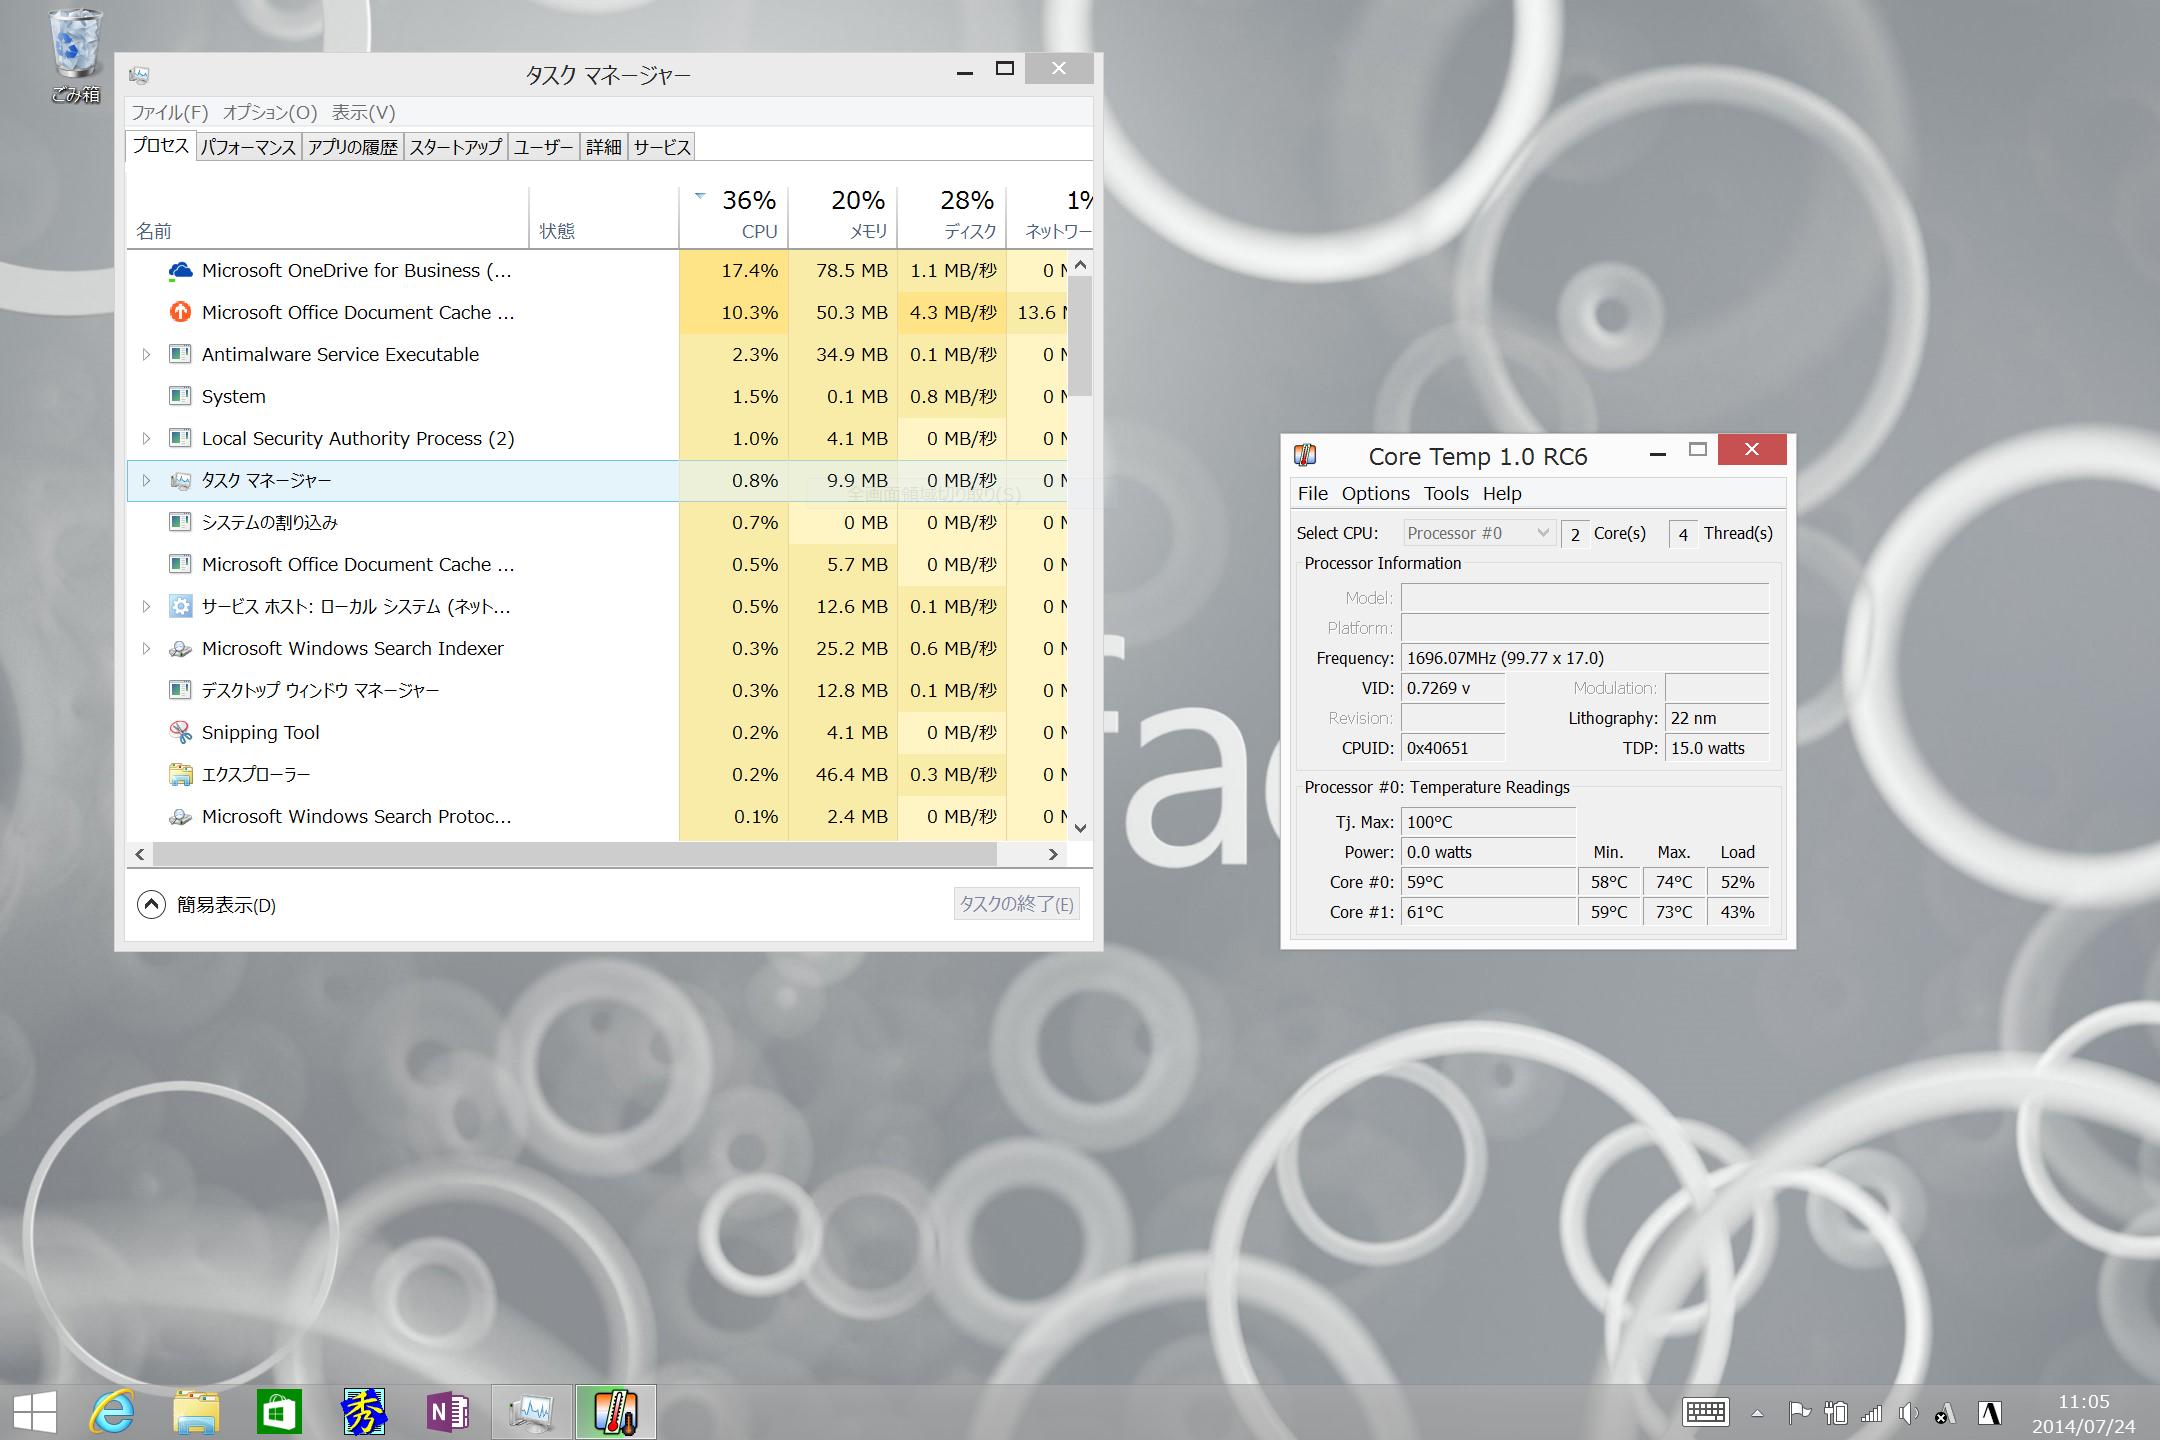 OneDrive for BusinessをインストールしてOffice 365上のOneDriveと同期させたときの様子。この程度の用途でも、結構、負荷が上がり、本体が熱くなってしまう